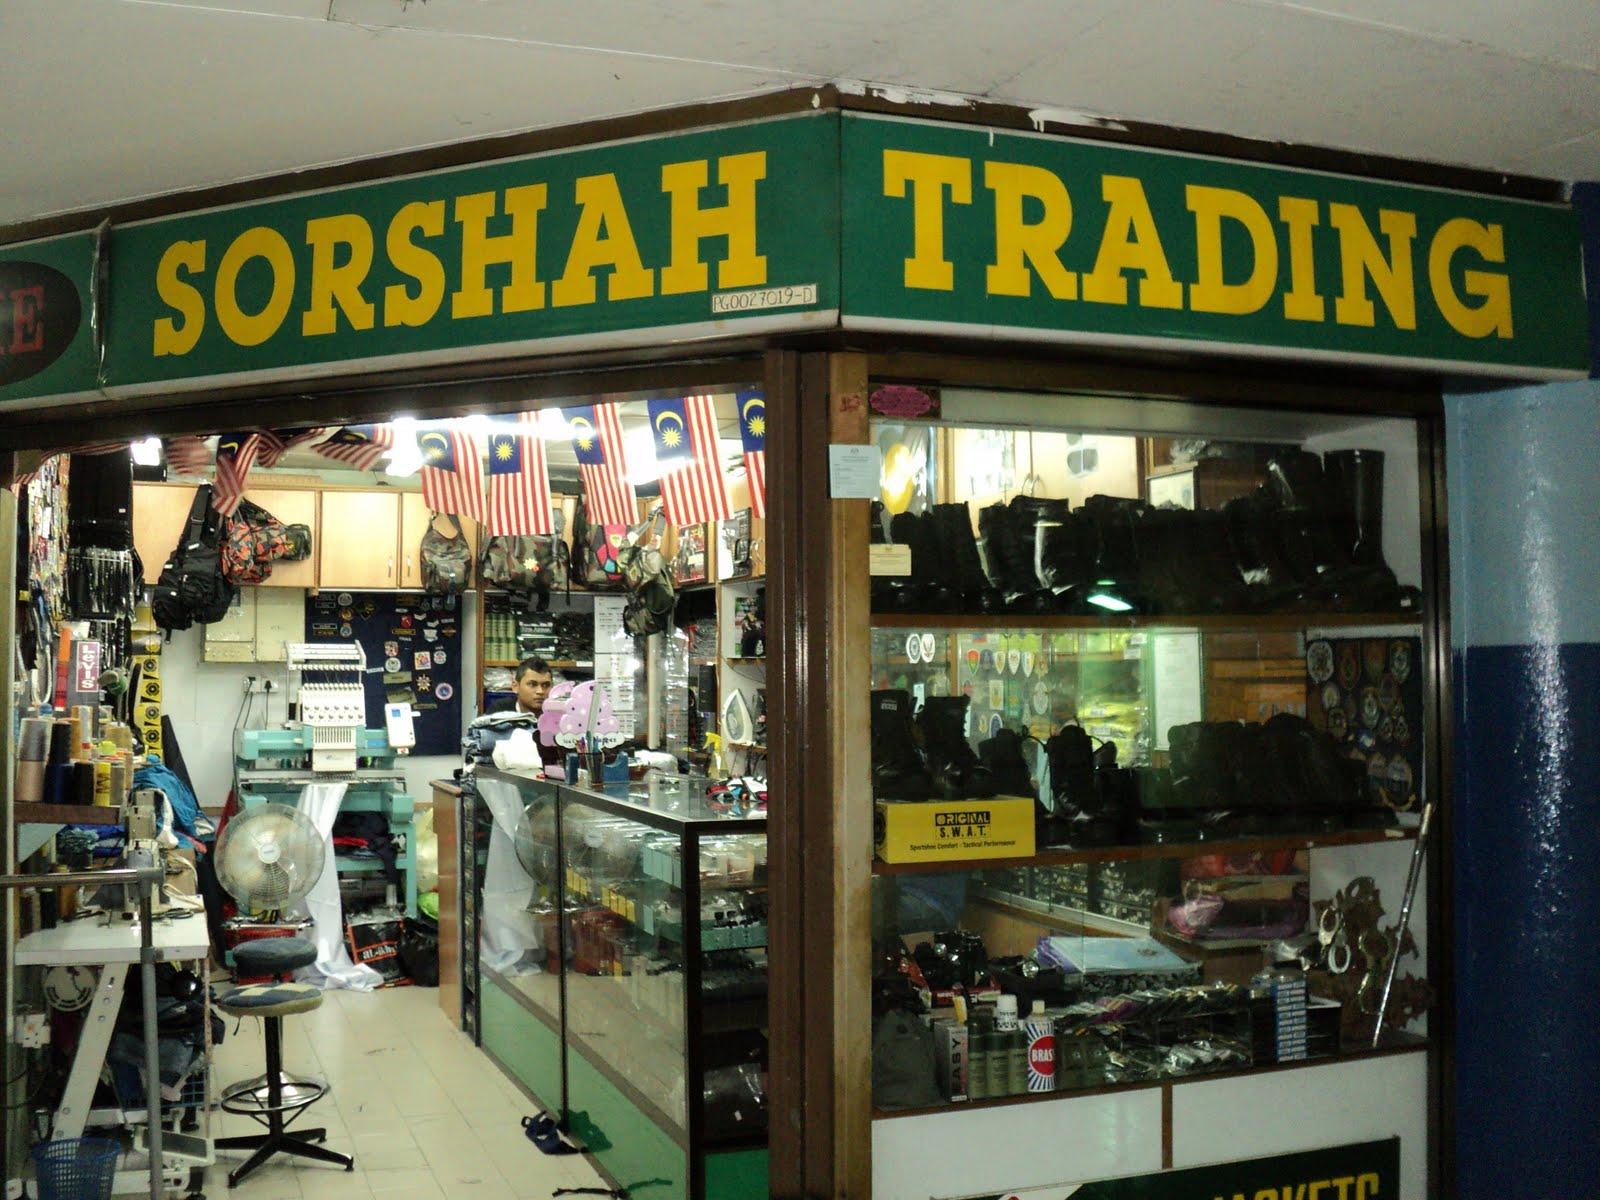 SORSHAH TRADING